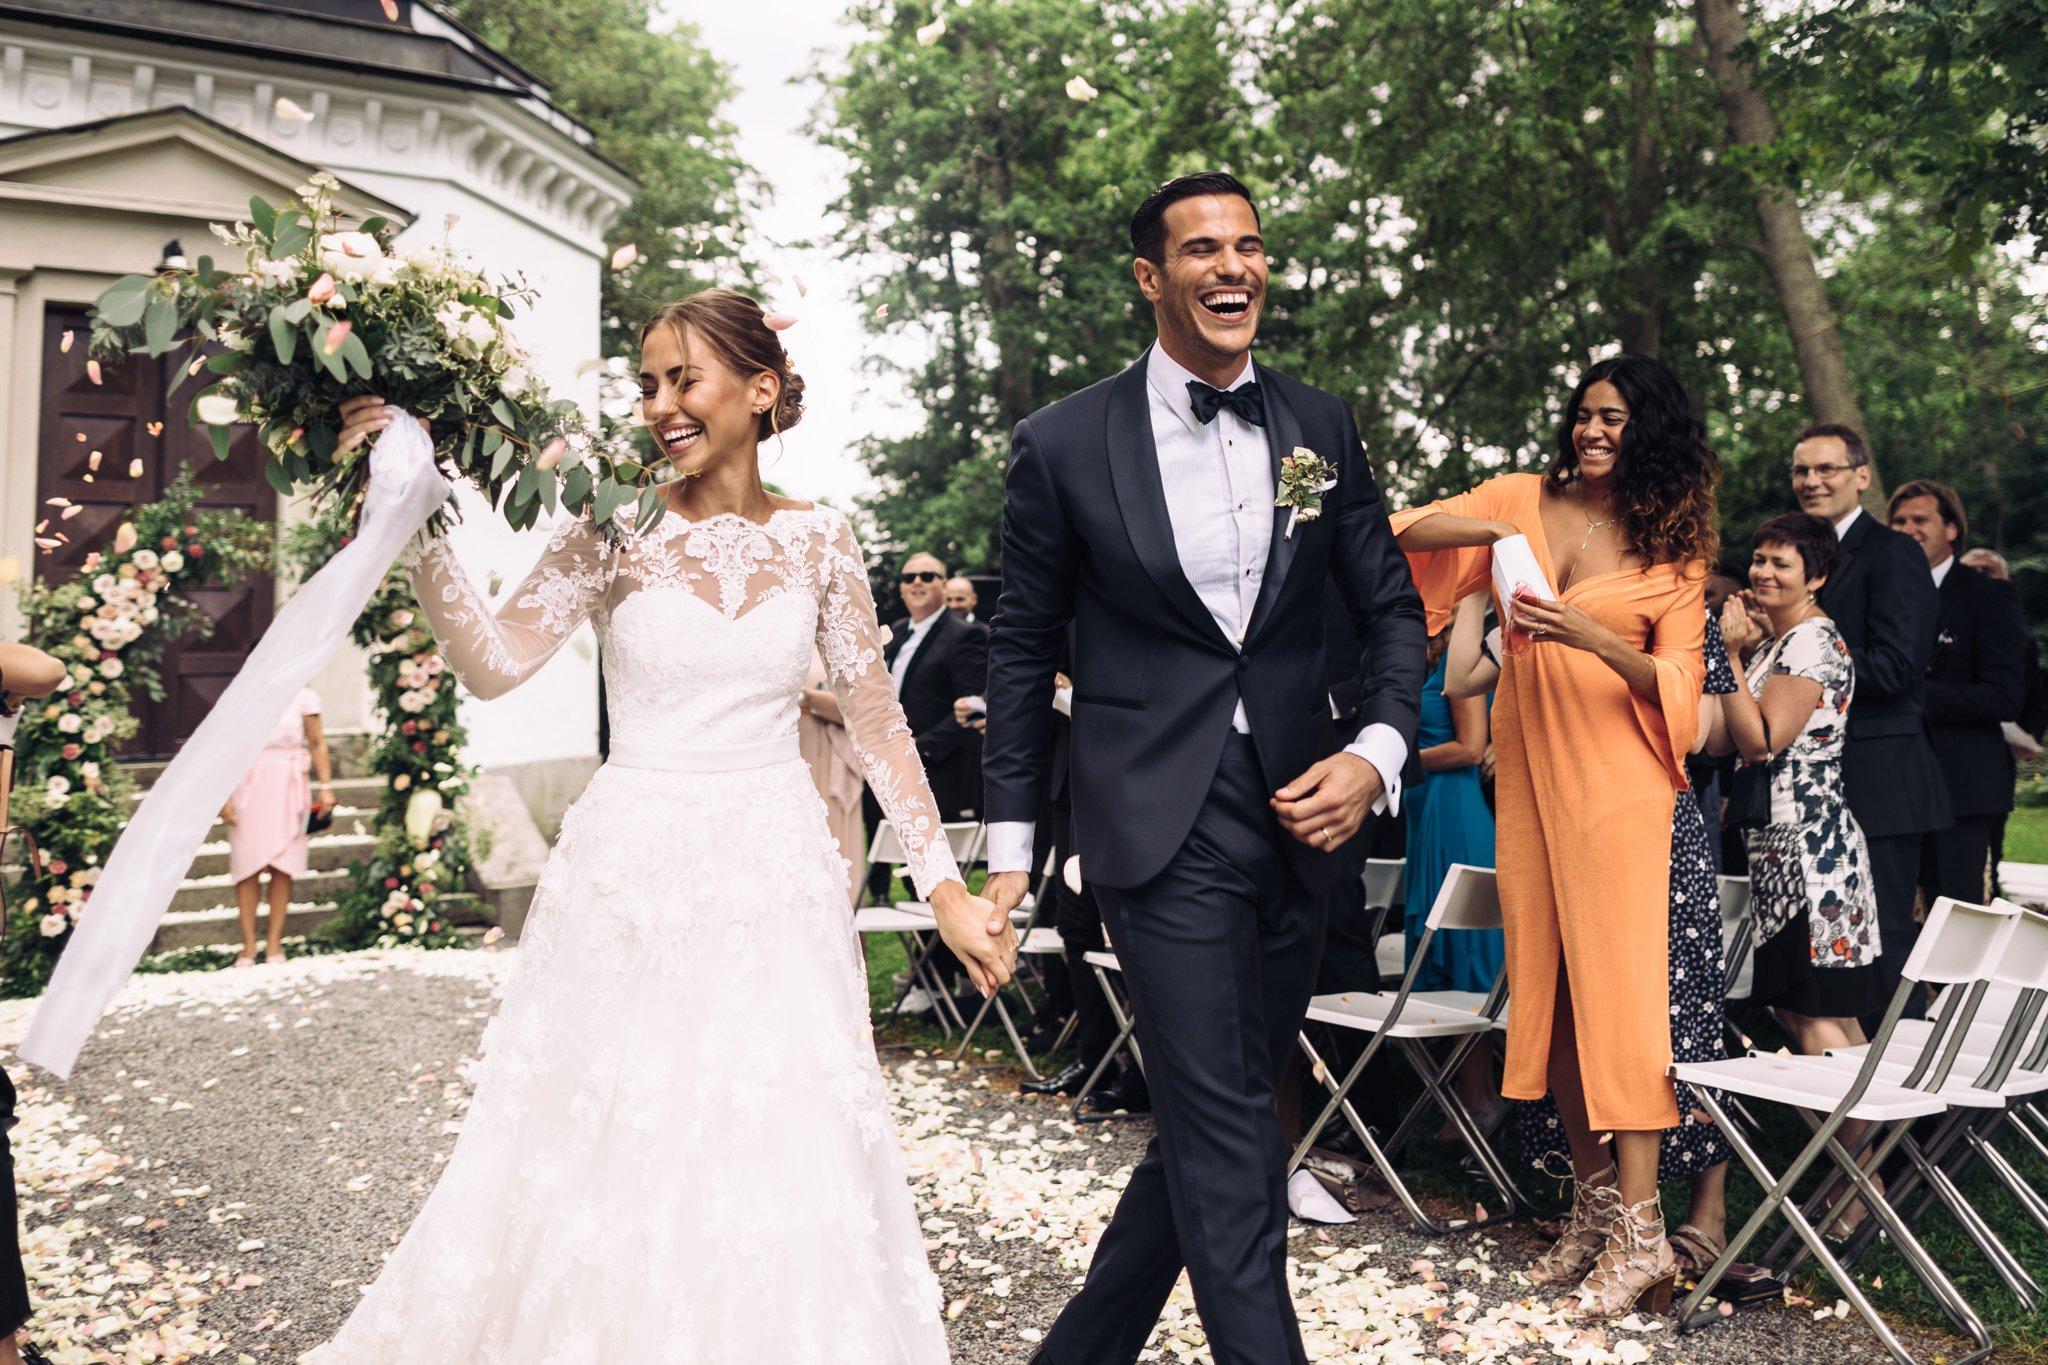 Kenza-Aleks-Wedding-Photo-by-Fabian-Wester-9